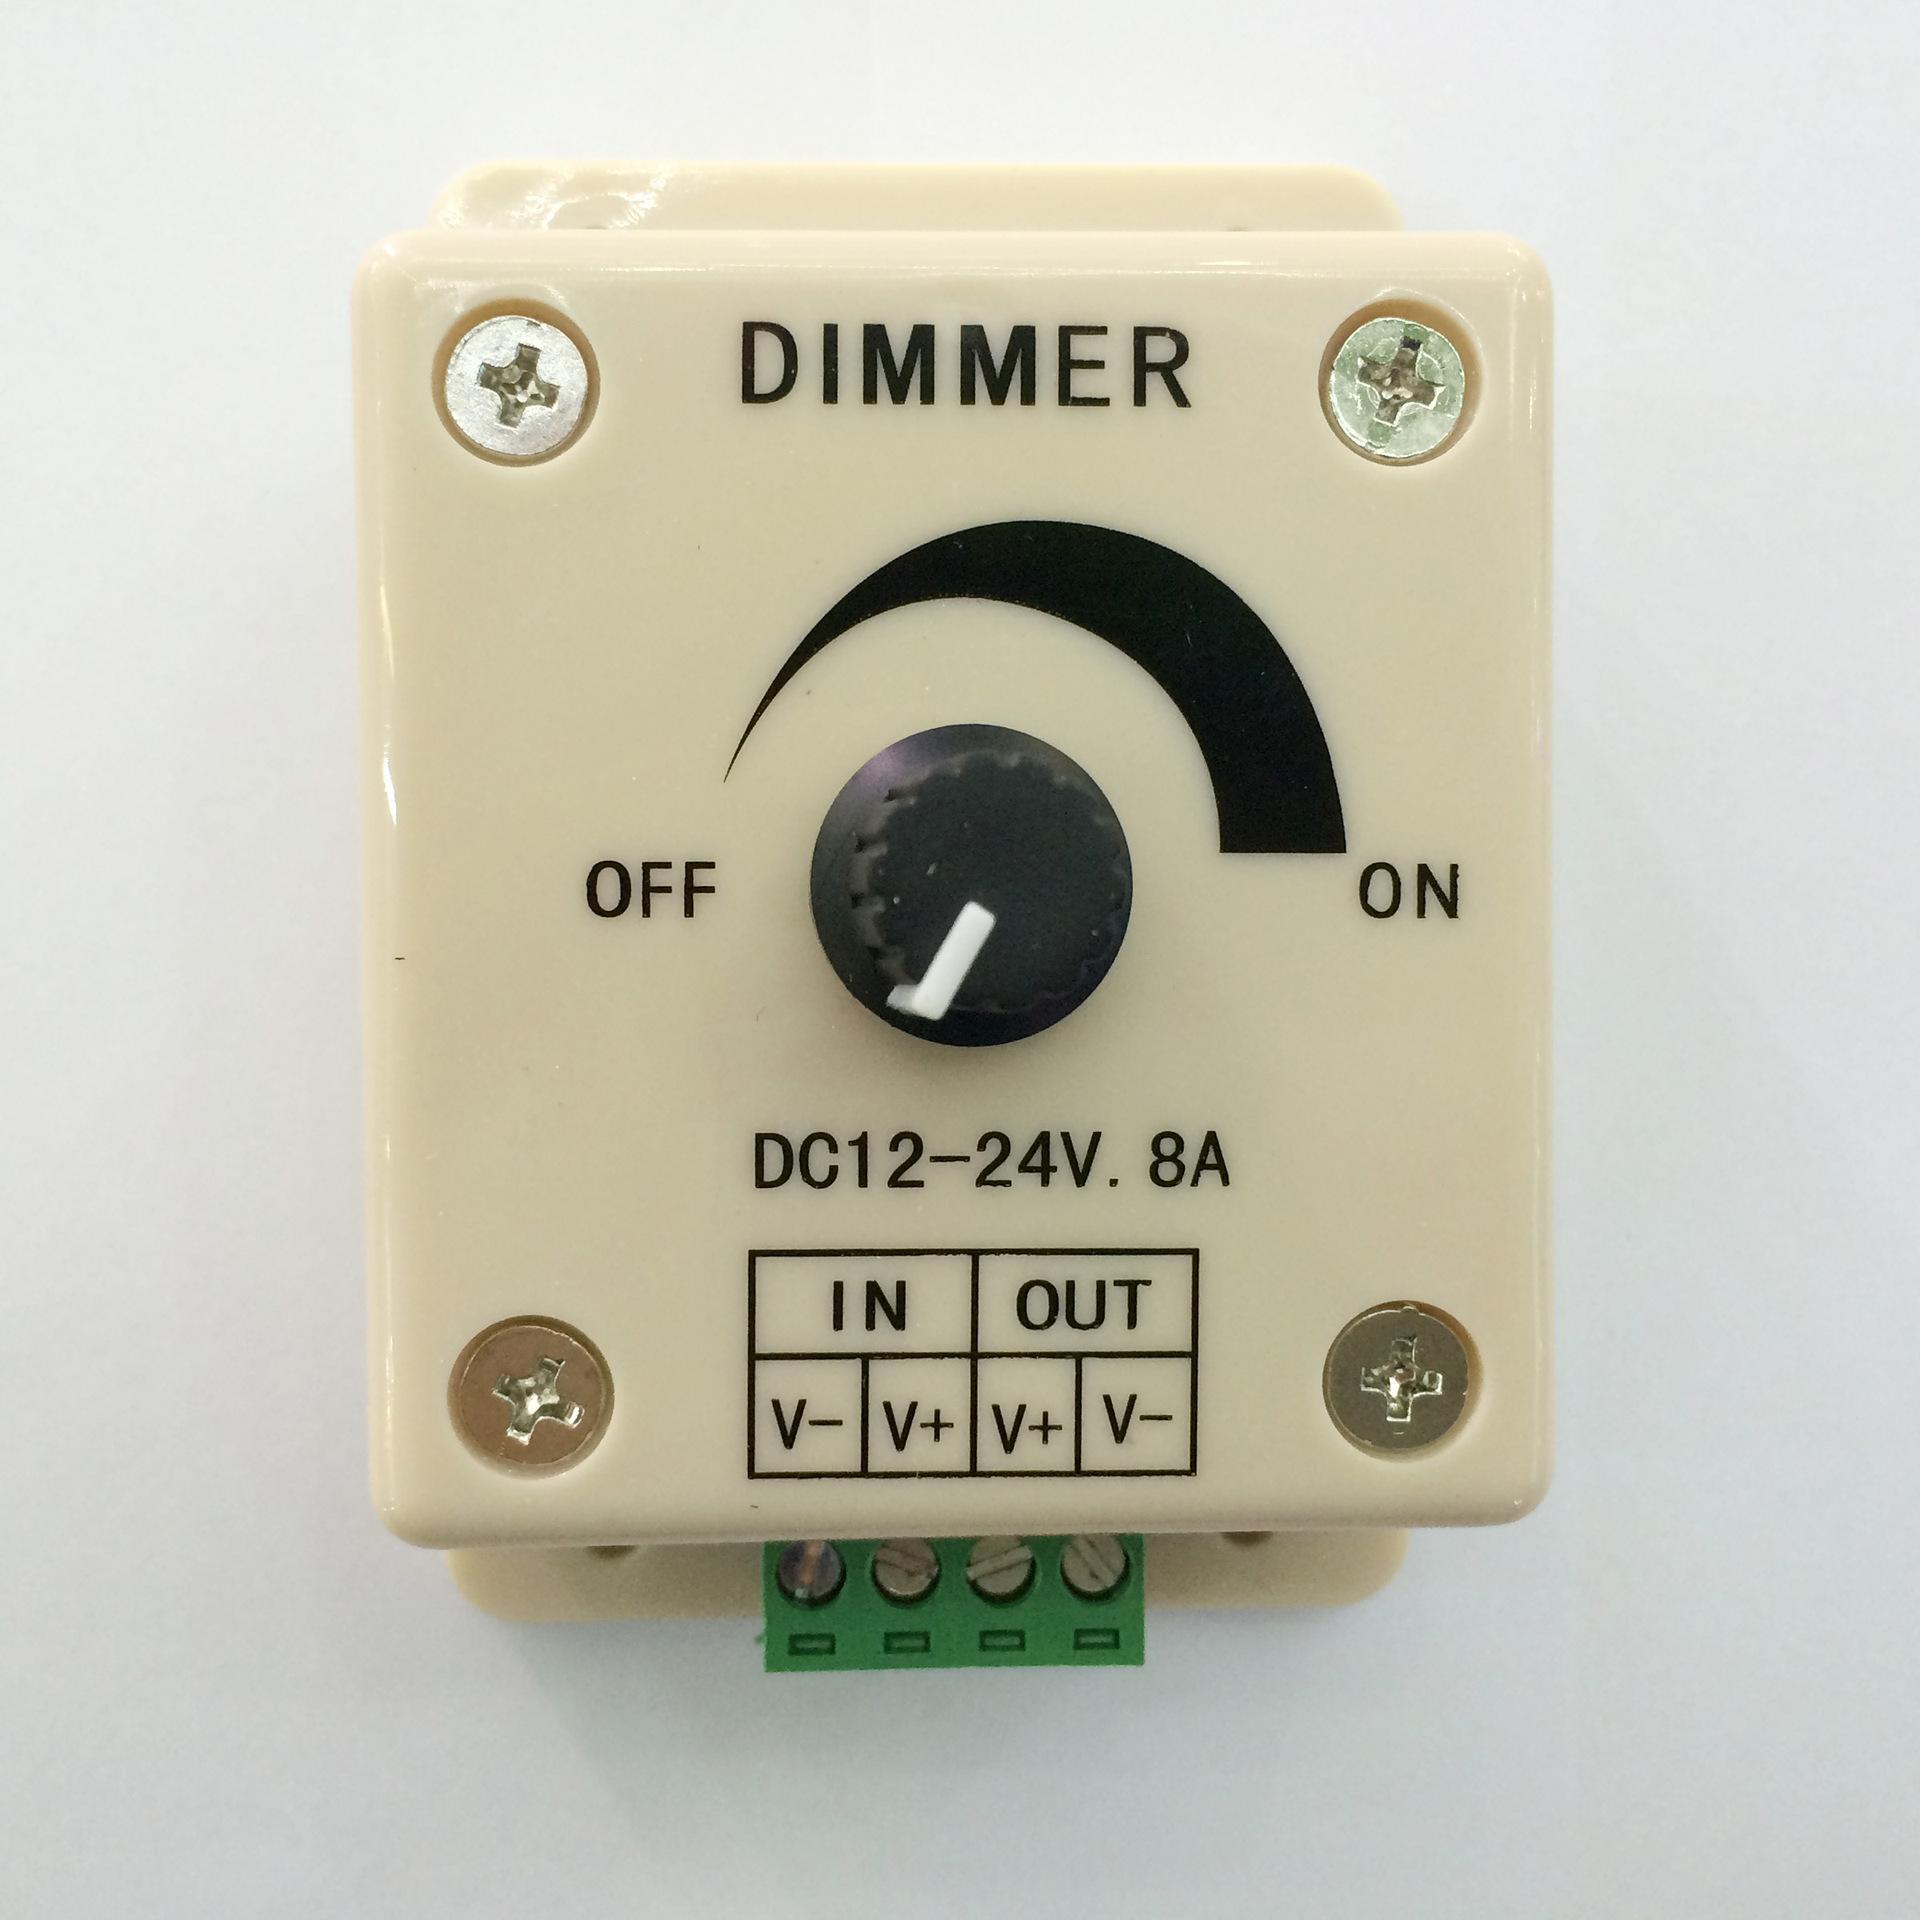 MLING Công tắc điều chỉnh độ sáng LED đơn kênh dimmer nhà máy hướng dẫn sử dụng dimmer núm điều chỉn